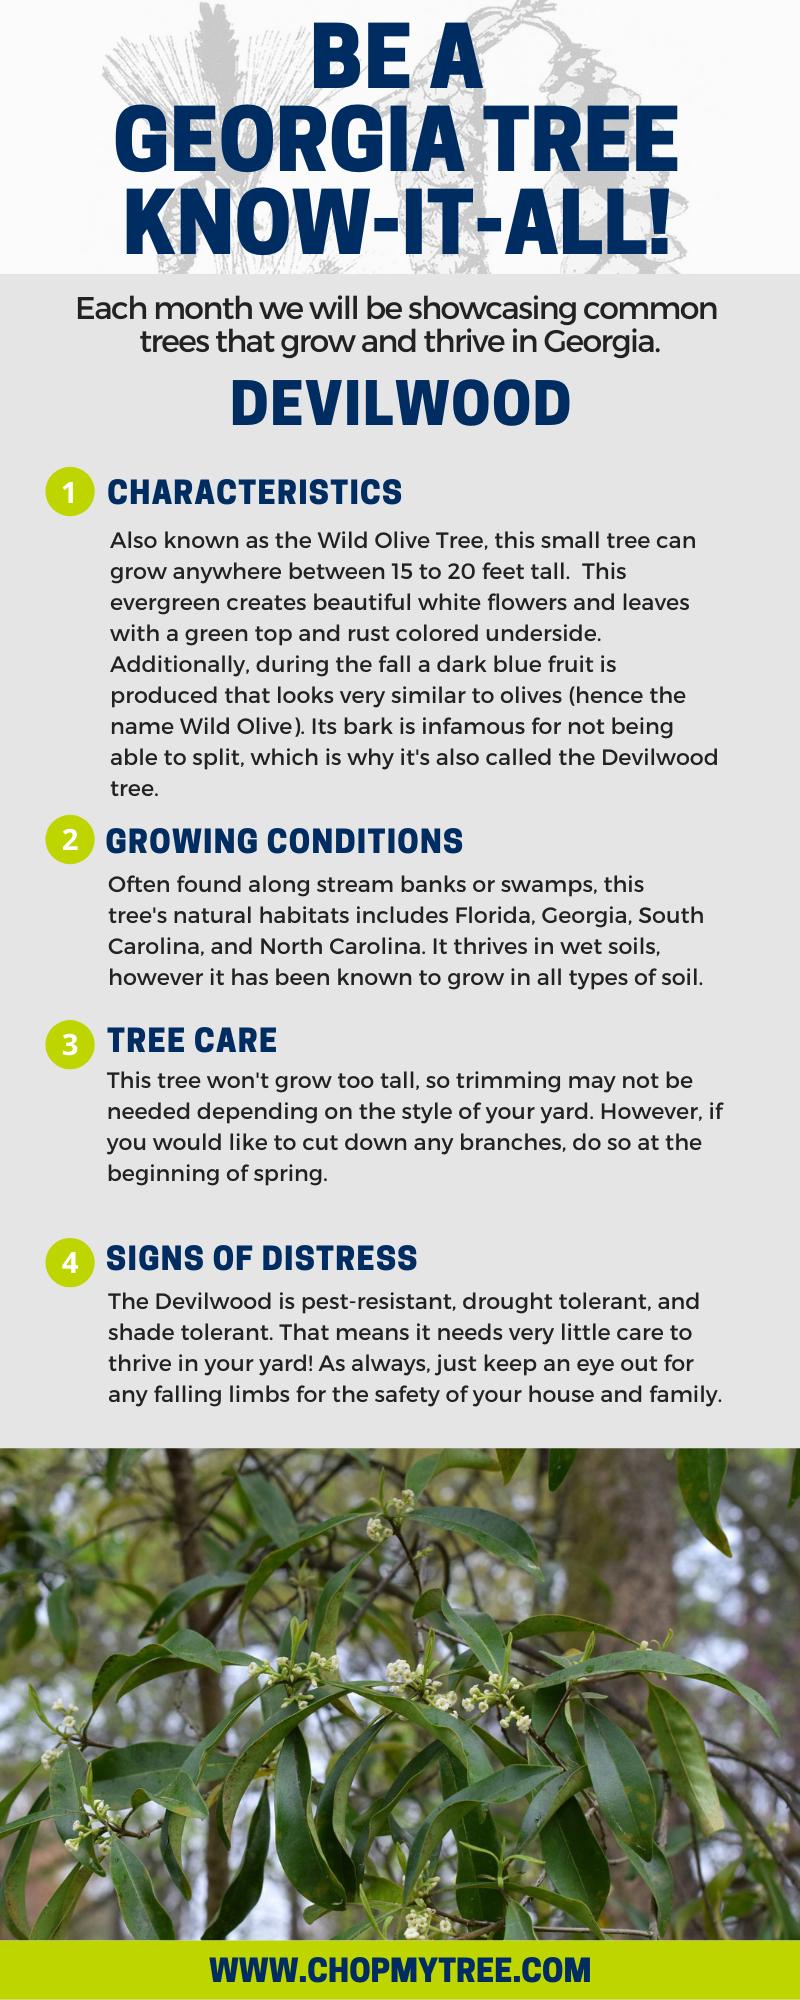 Devilwood Tree infographic